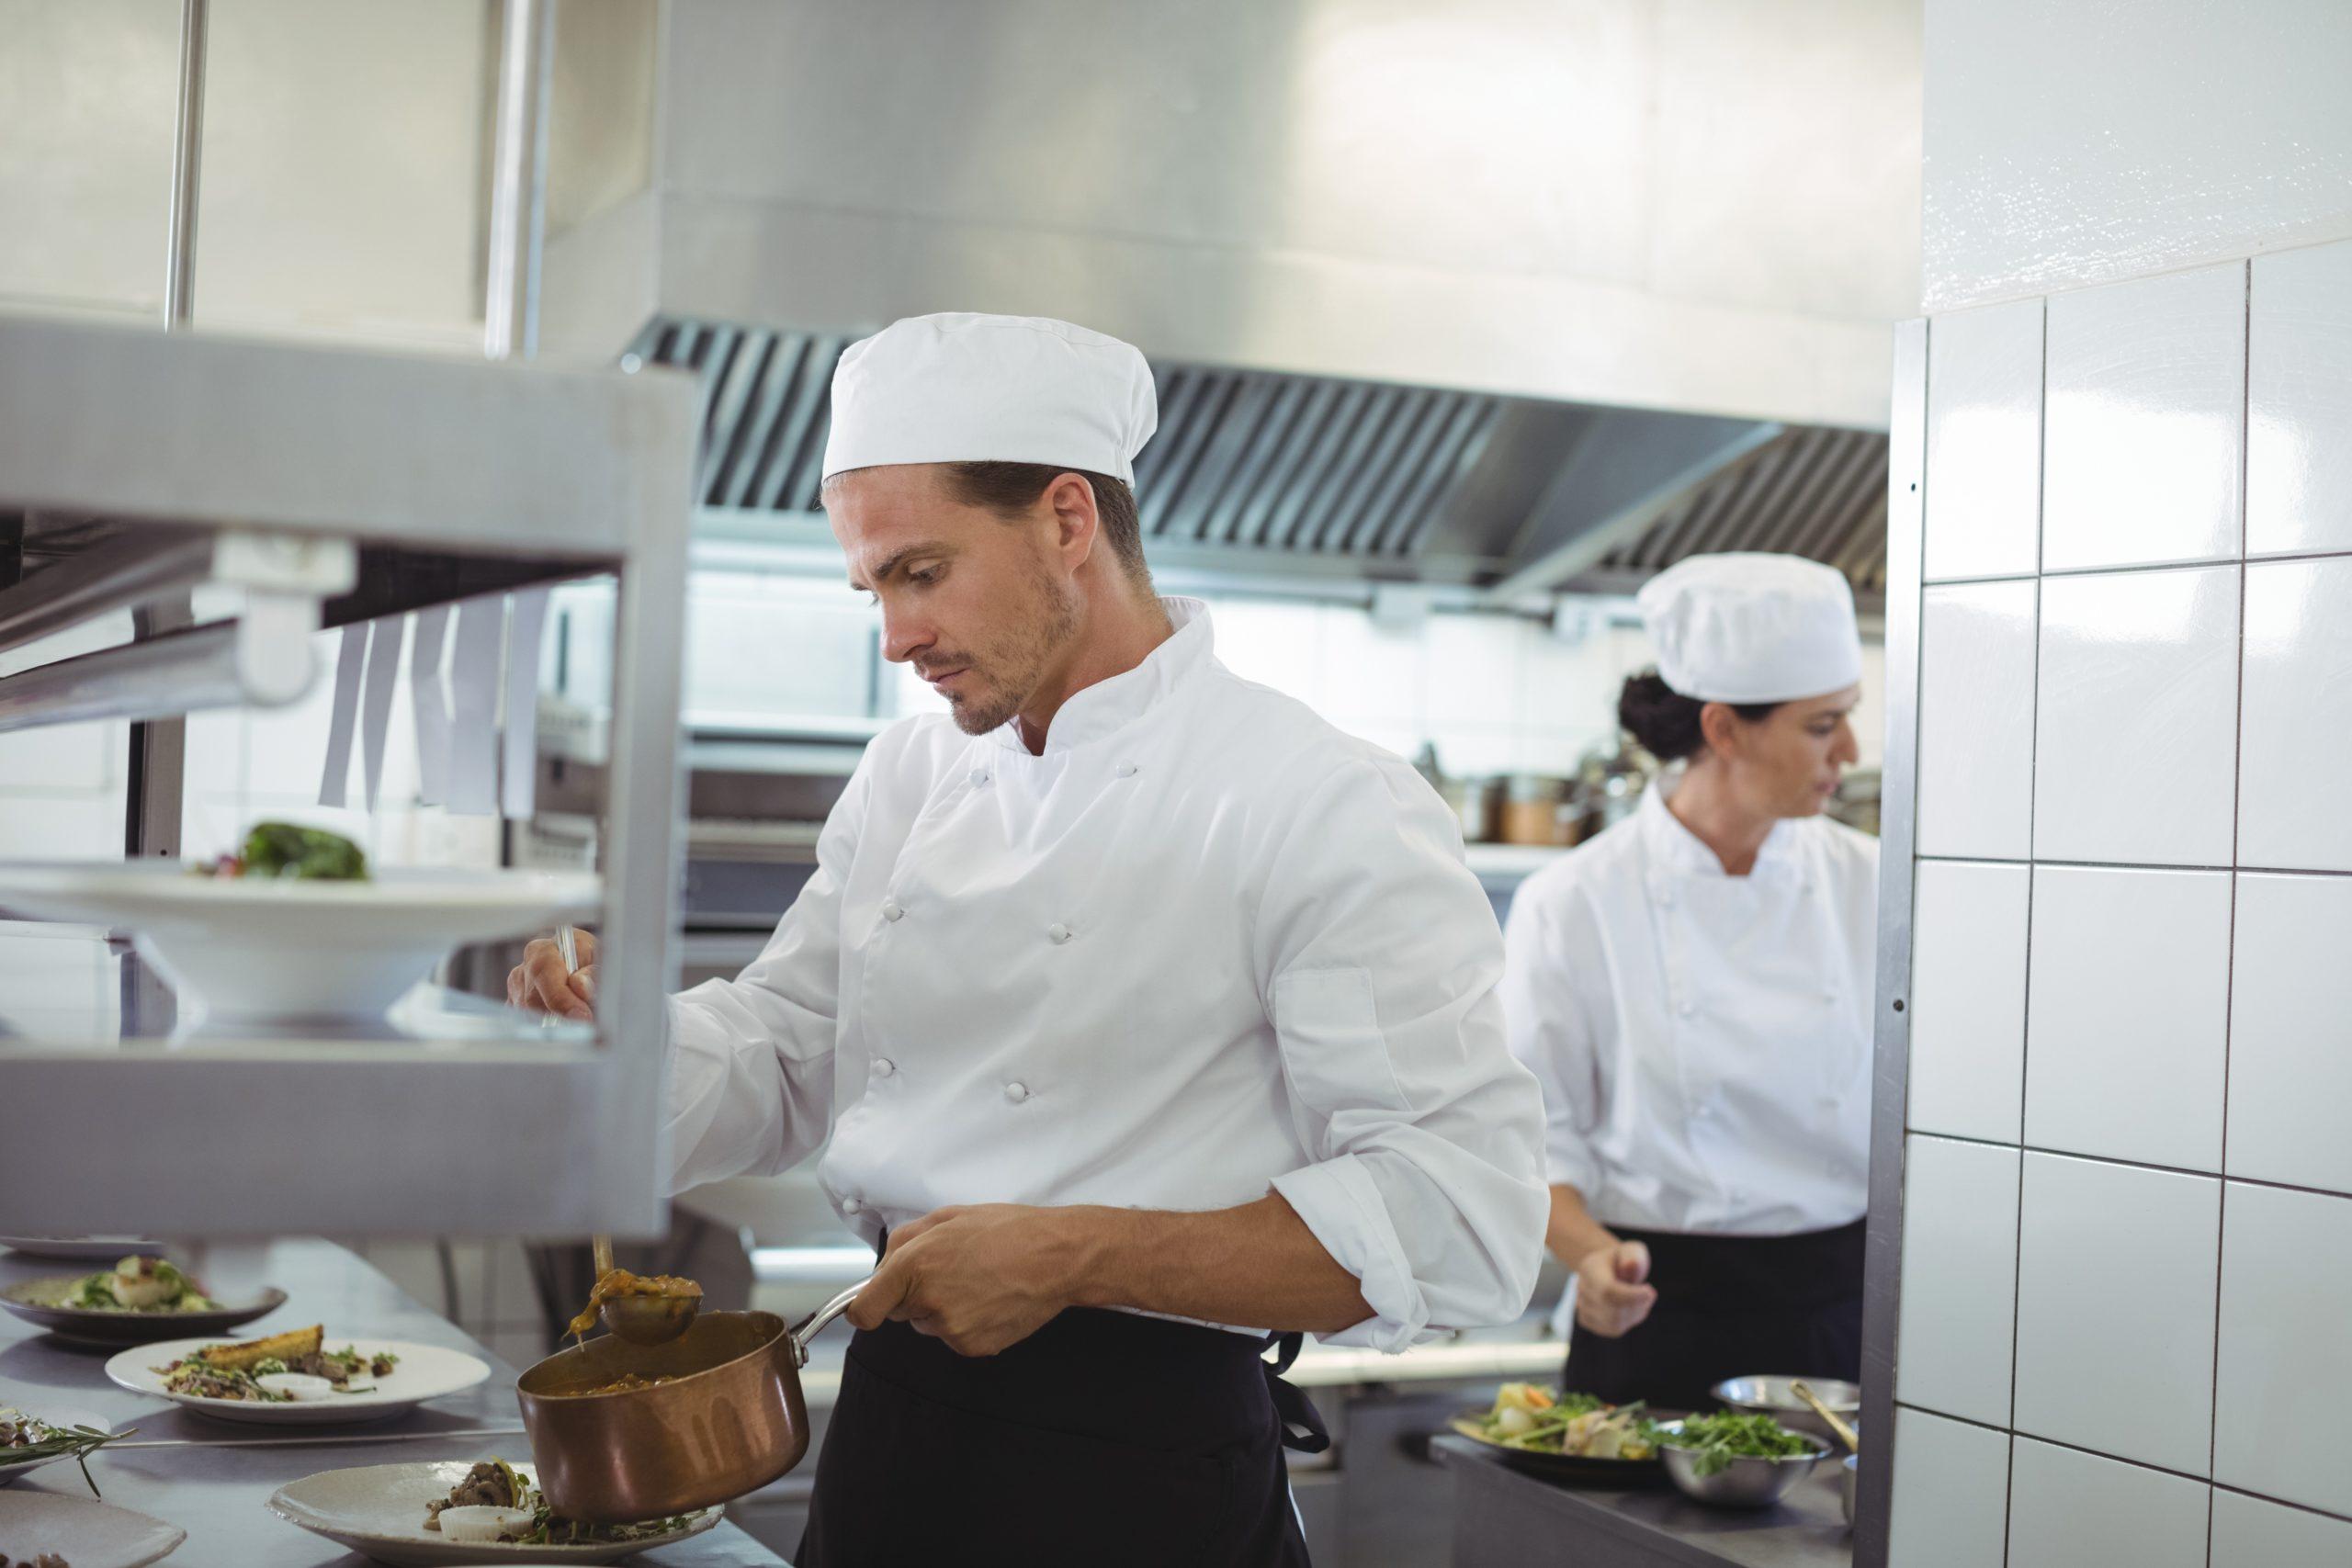 Gastronomiefachplanung Küch bereitet Essen zu